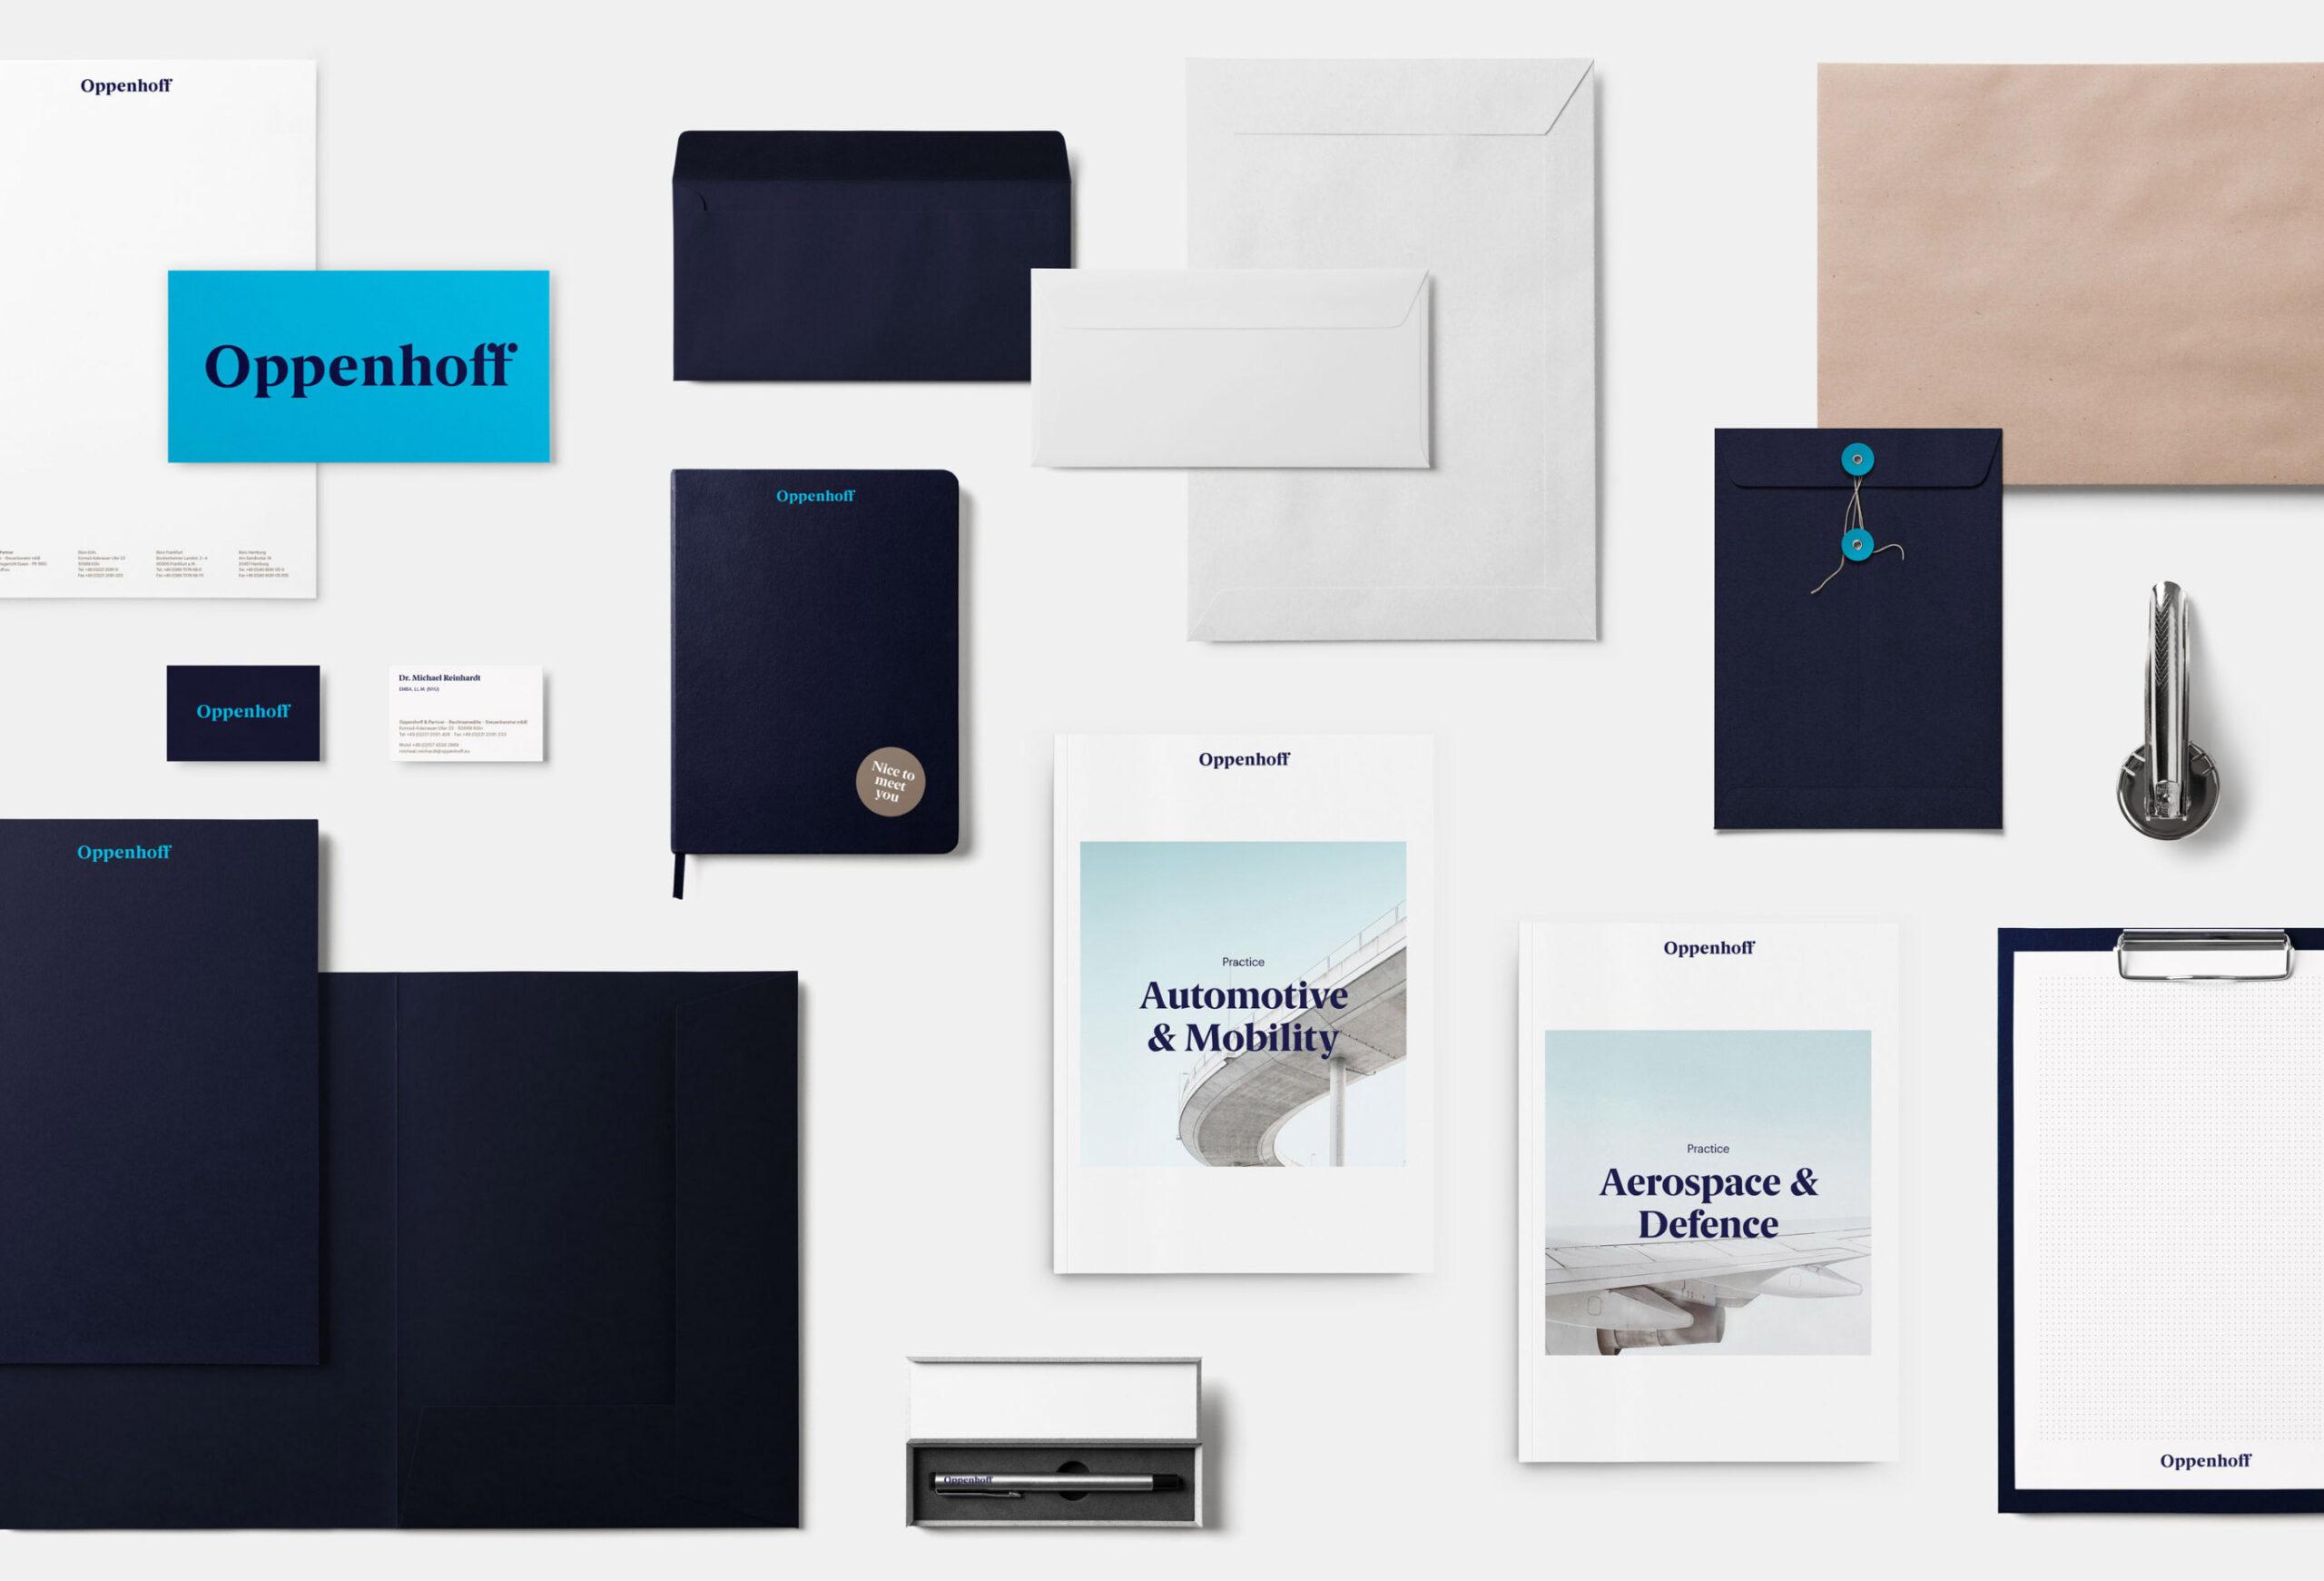 niklaslankenau_work_oppenhoff_branding_8-0